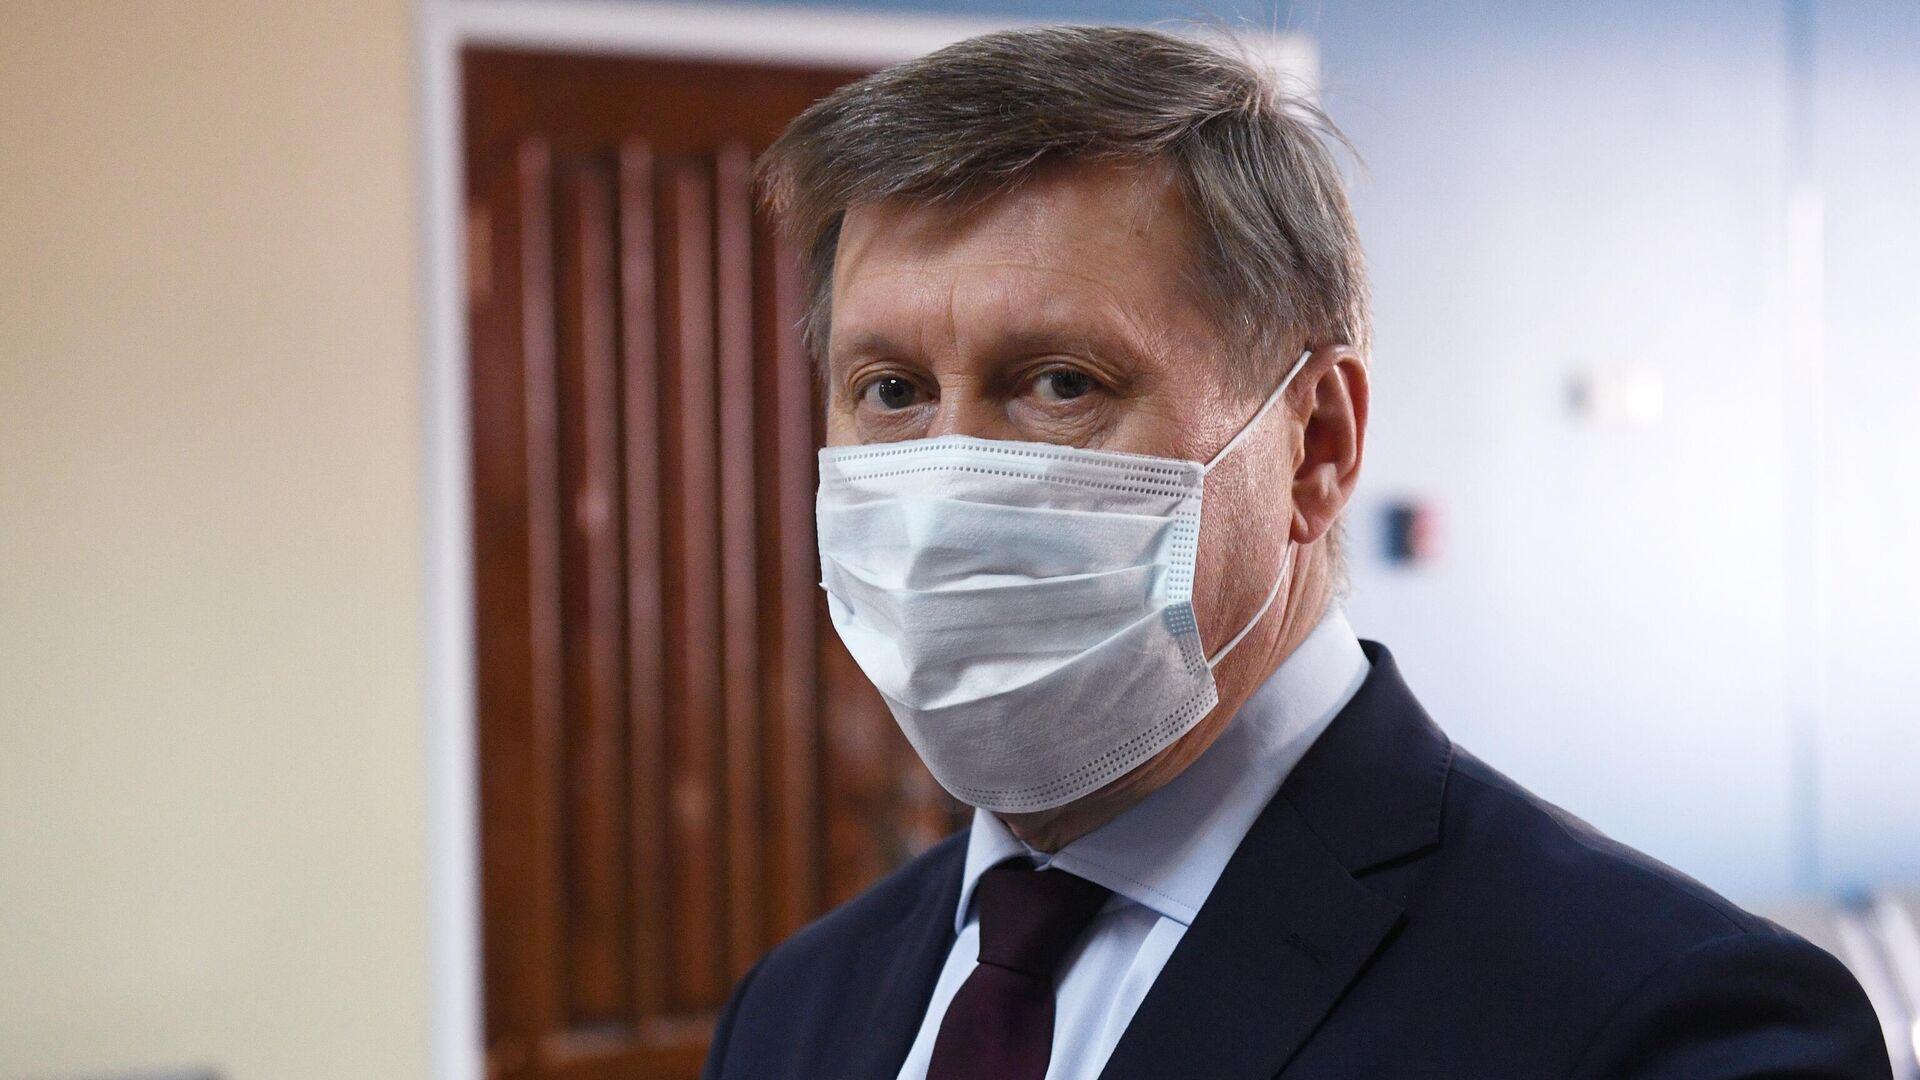 Коммунист Локоть не пойдет в Госдуму и останется на посту мэра Новосибирска